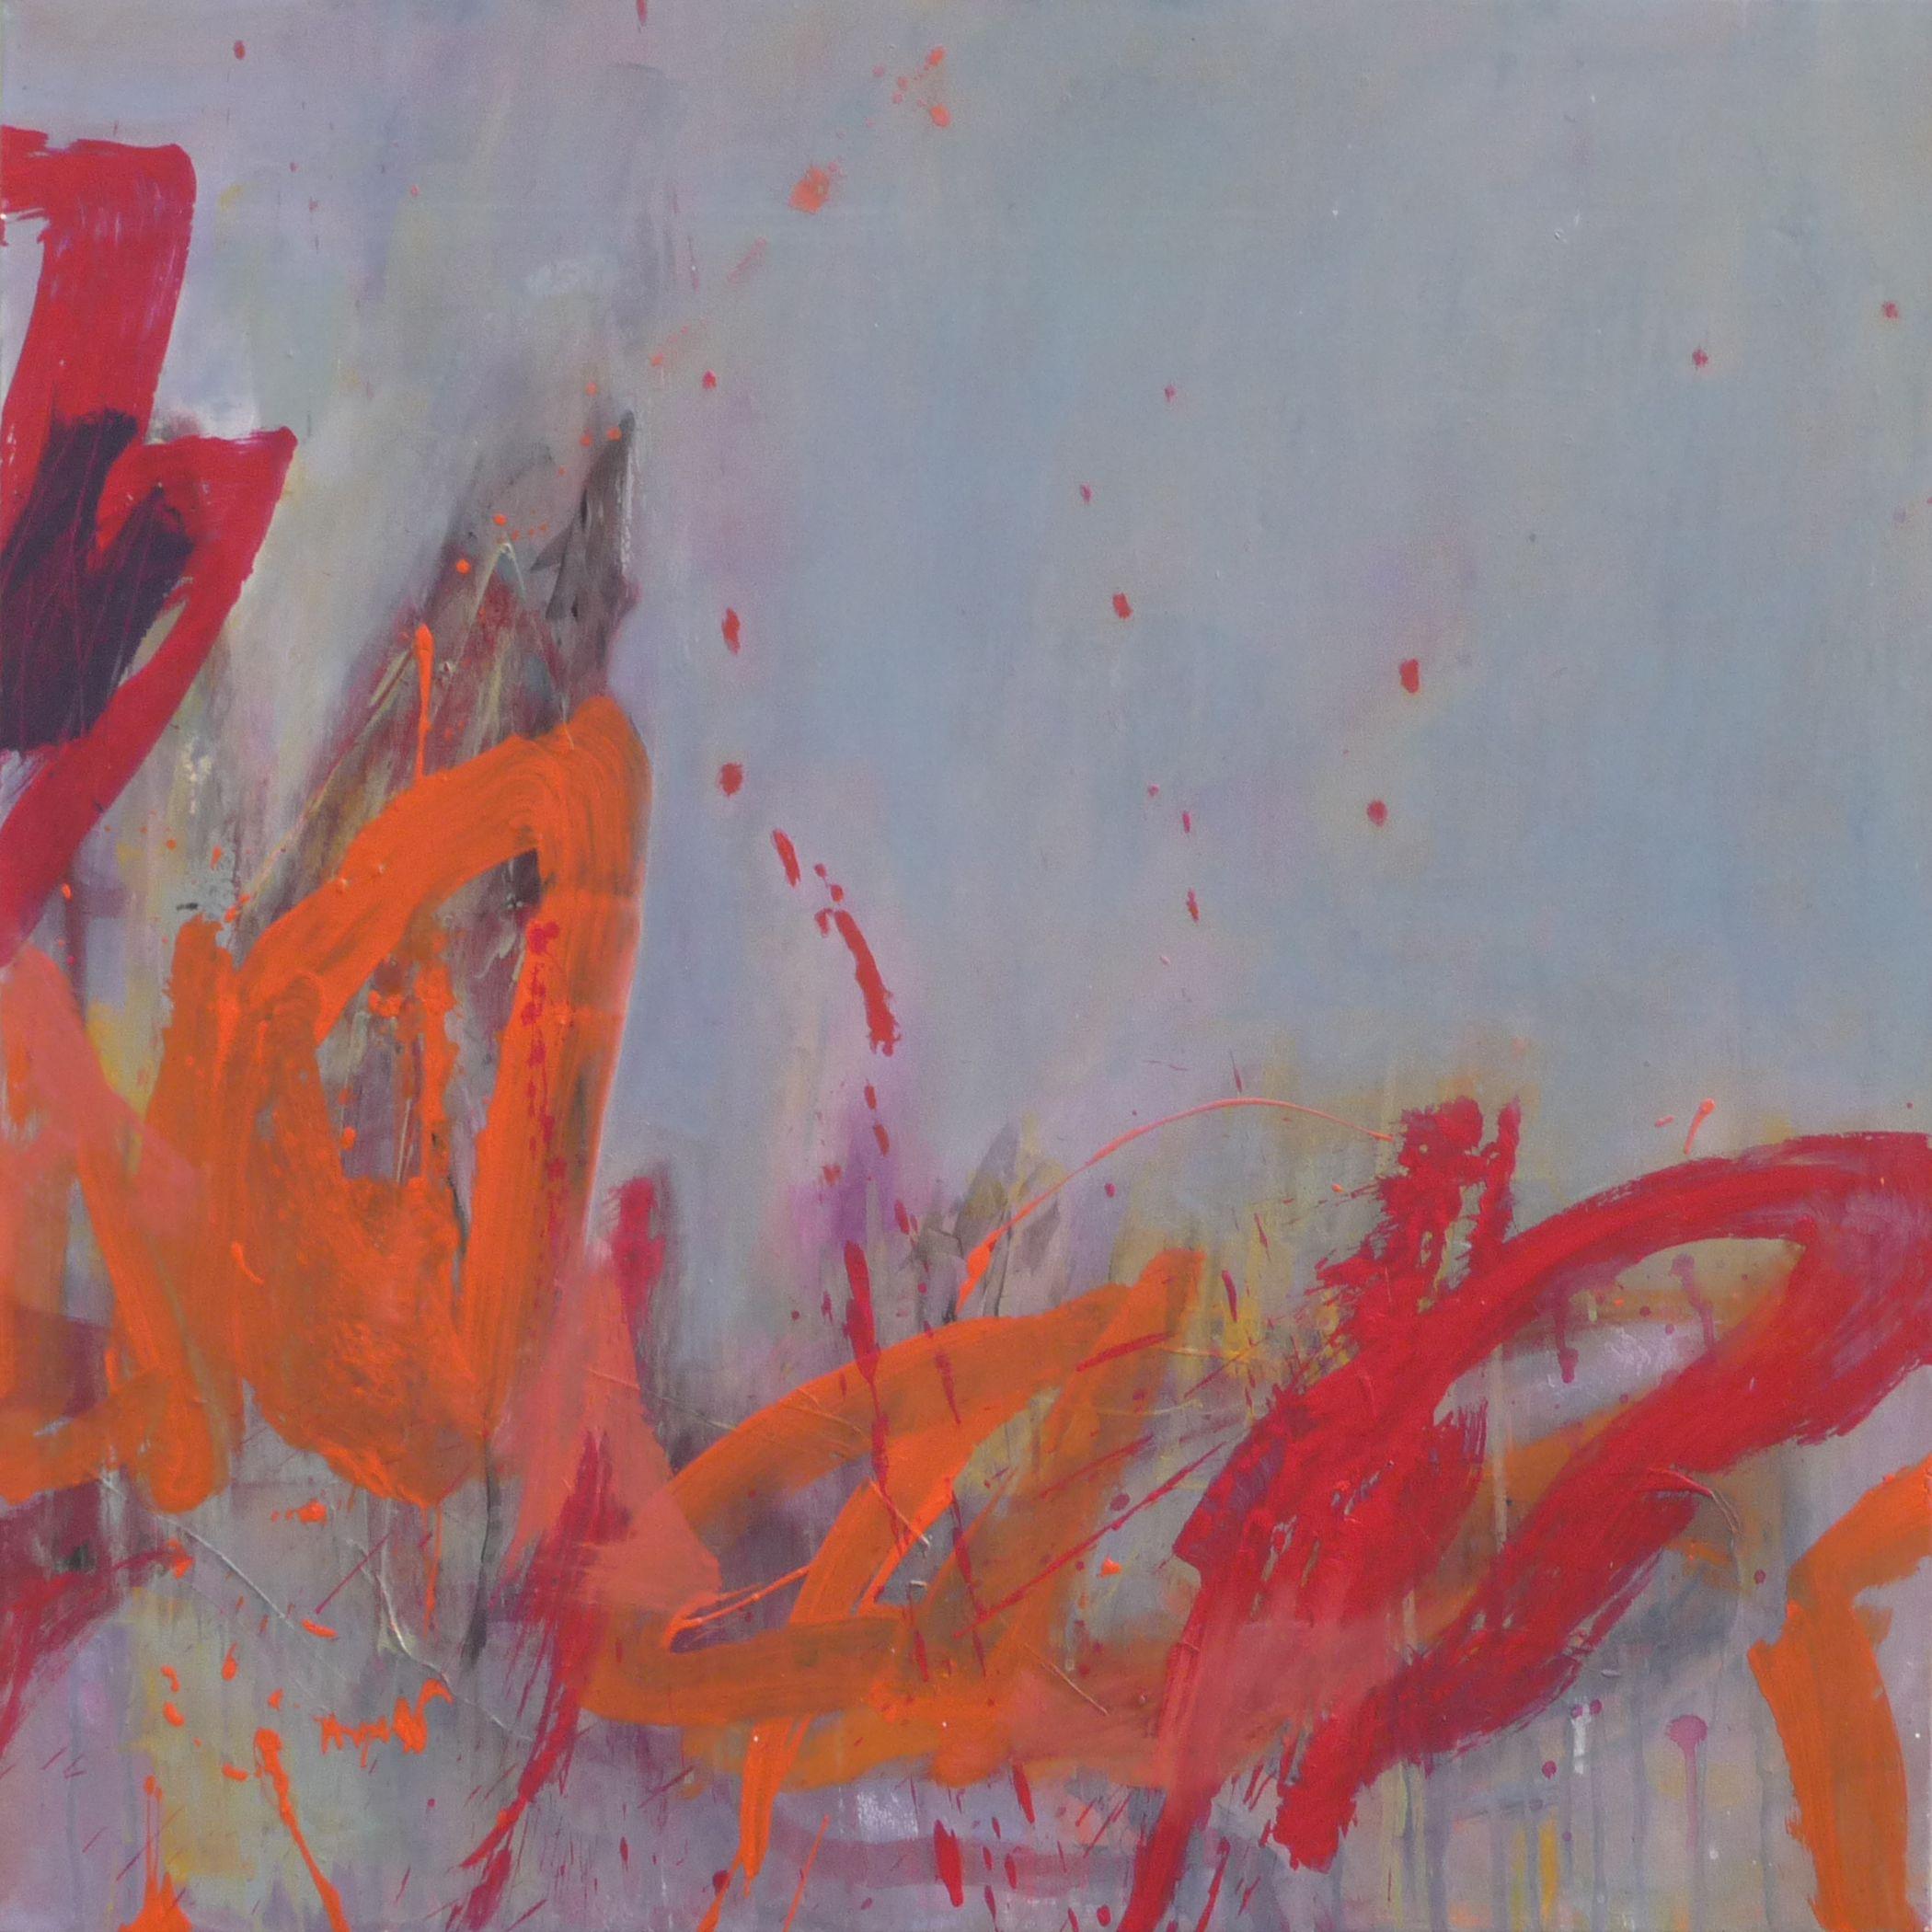 elisabeth gevrey, acrylique sur toile, 80 x 80 cm